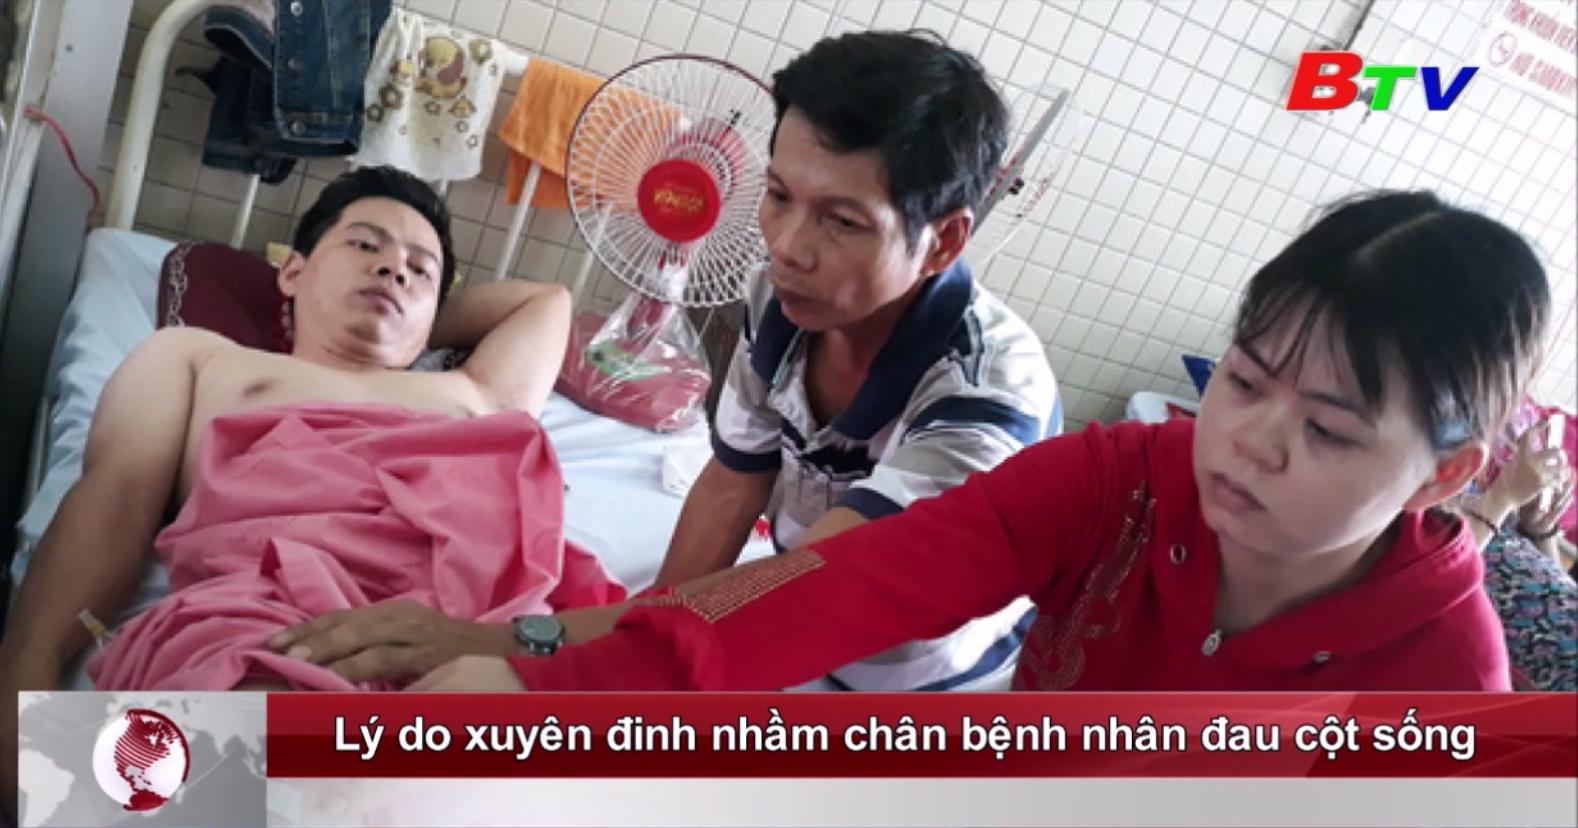 Lý do xuyên đinh nhầm chân bệnh nhân đau cột sống